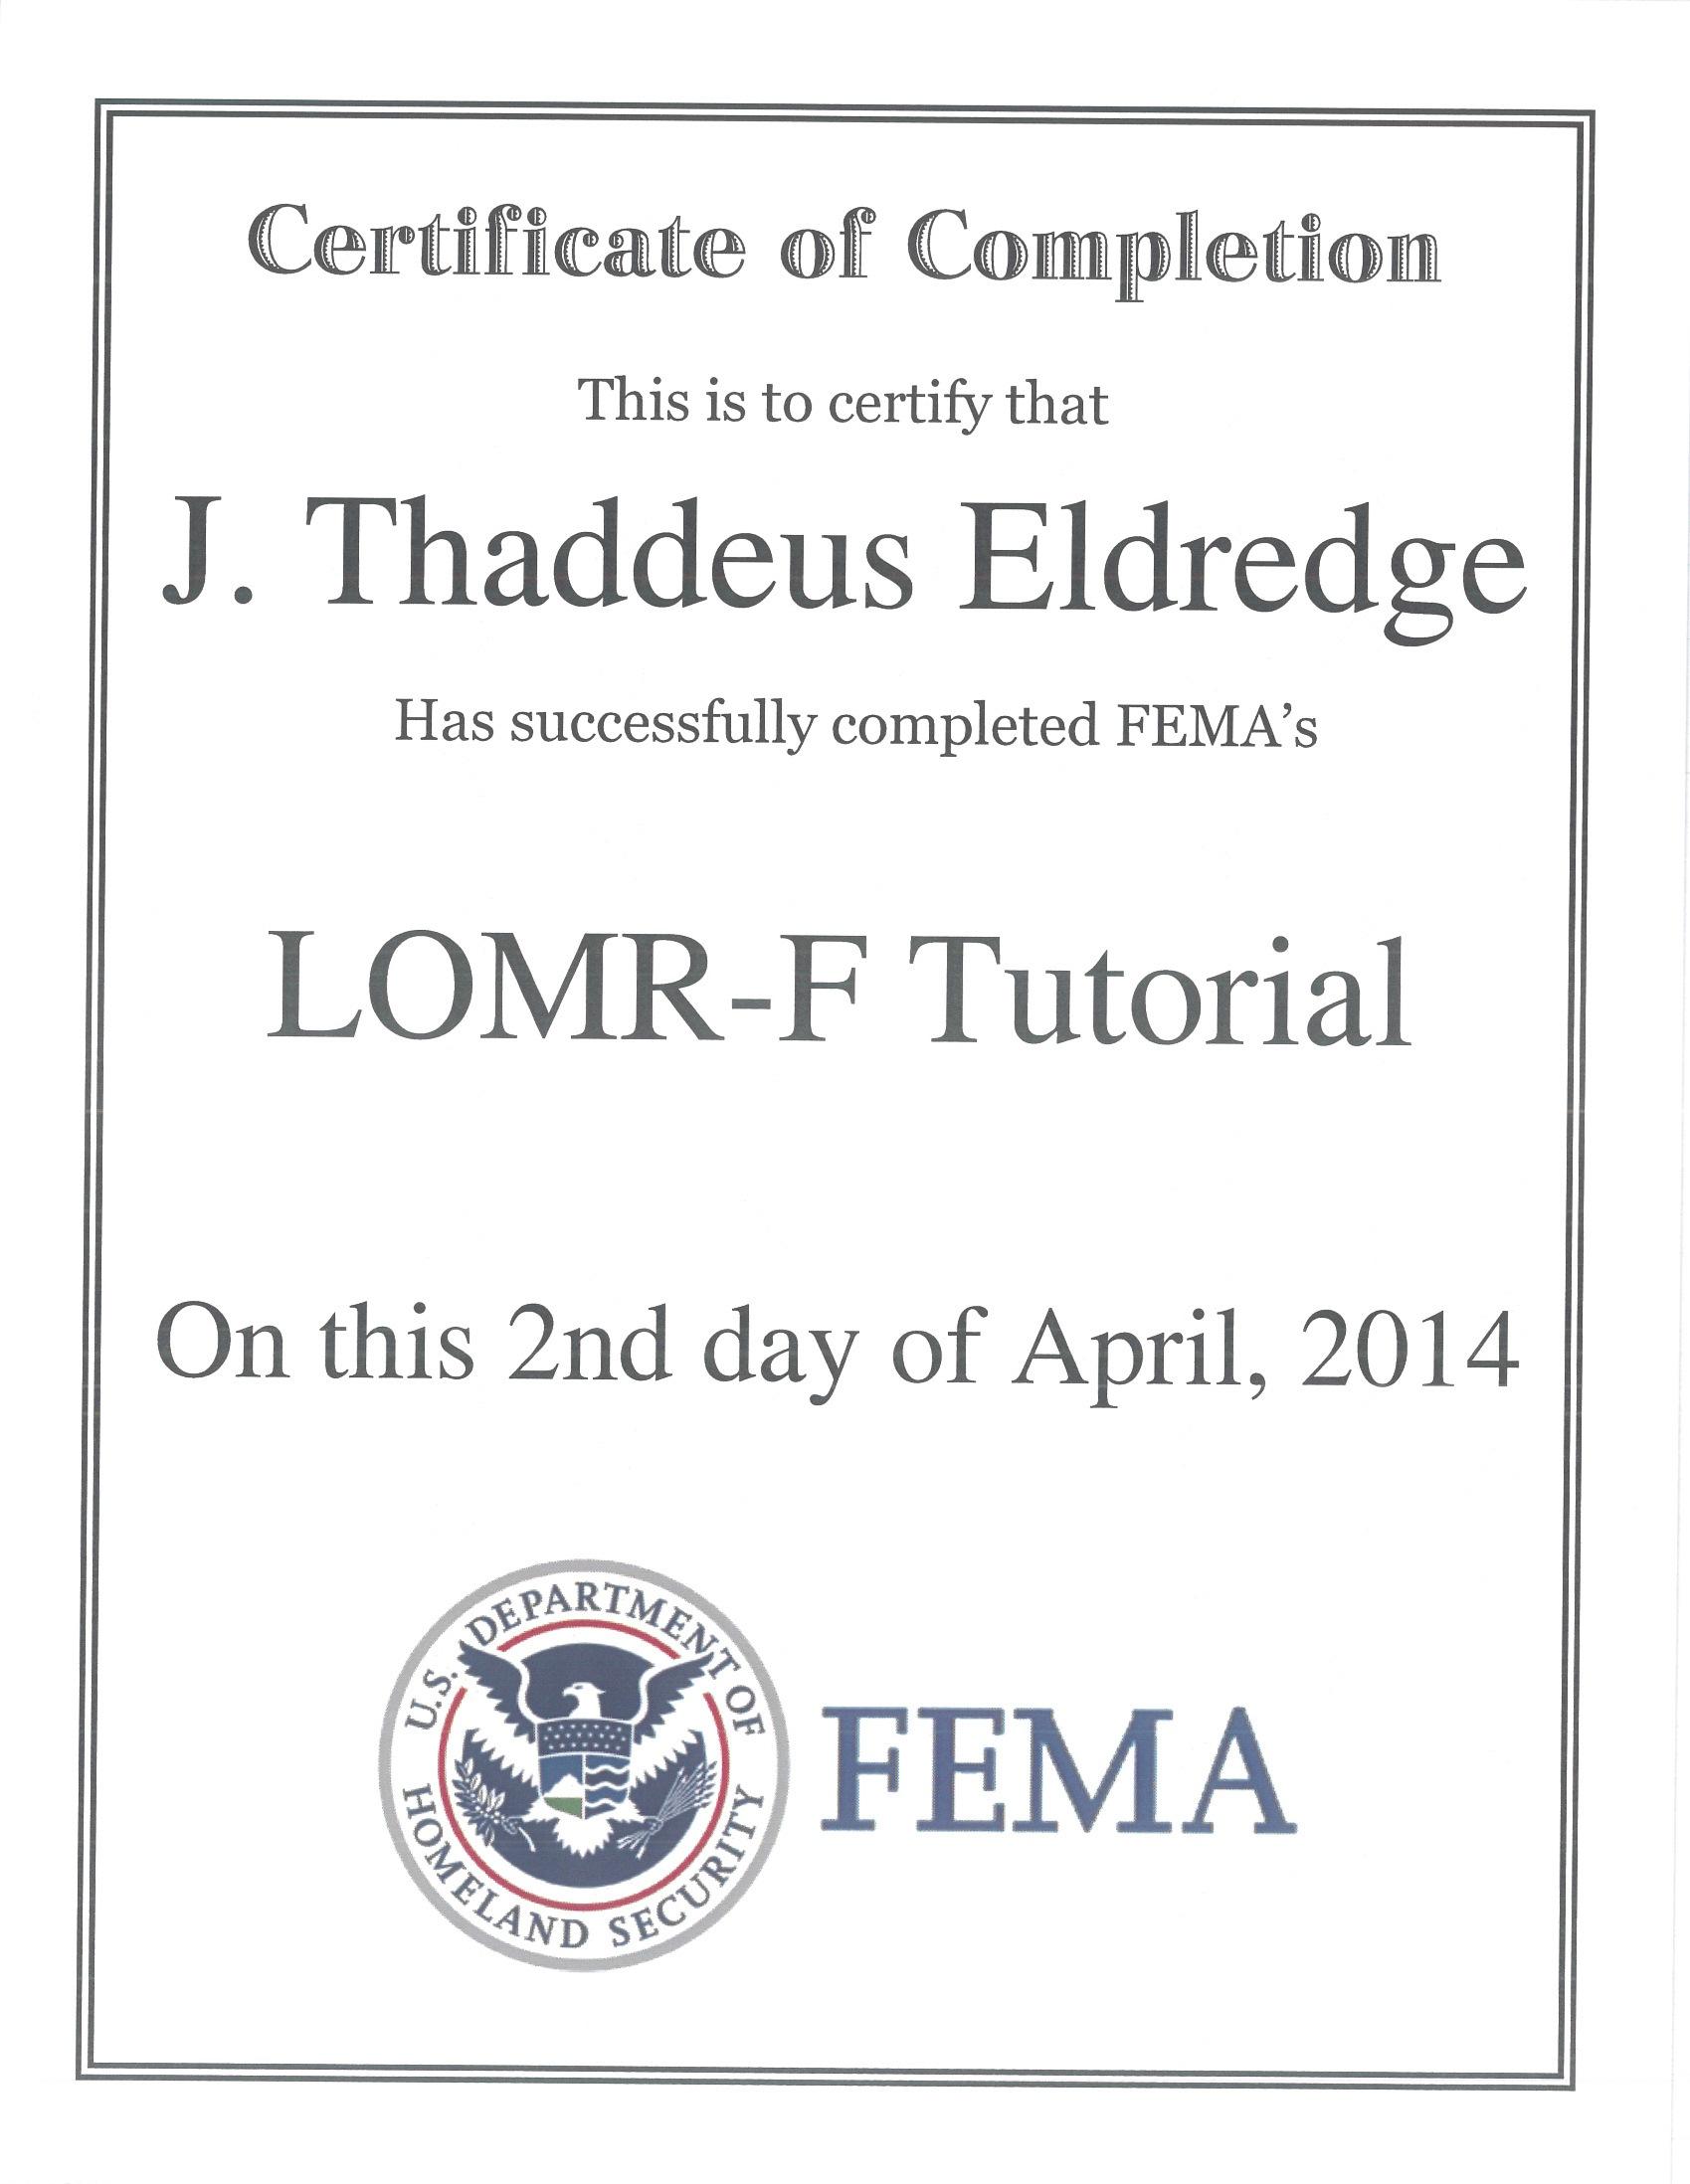 2014-04-02 LOMR-F TUTORIAL.jpg